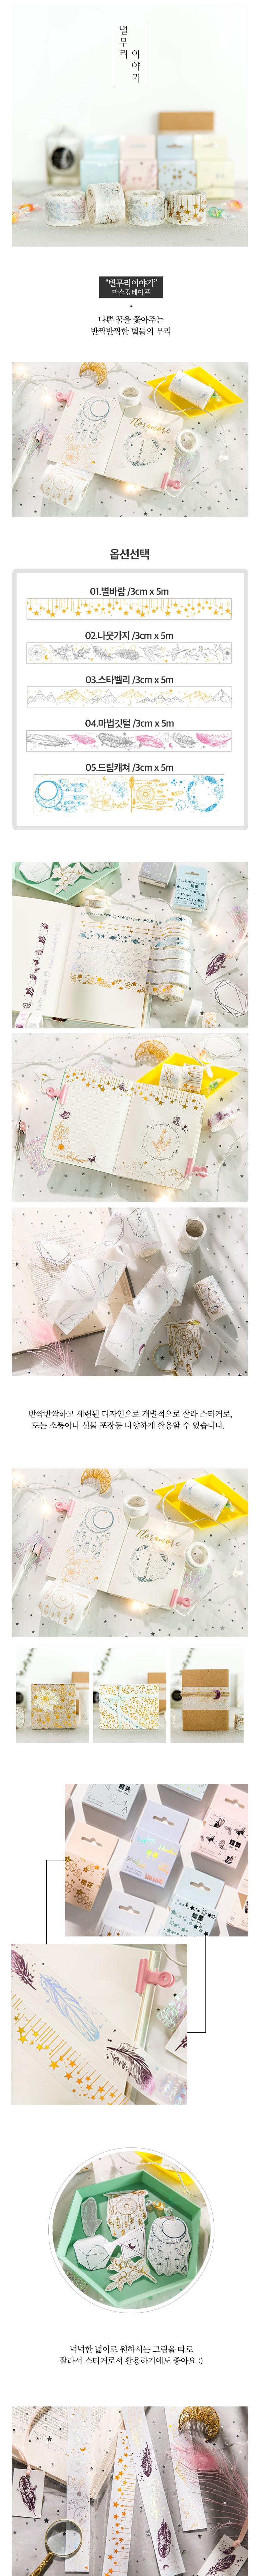 별무리 이야기 마스킹테이프 - 핑크문9, 3,000원, 마스킹 테이프, 종이 마스킹테이프